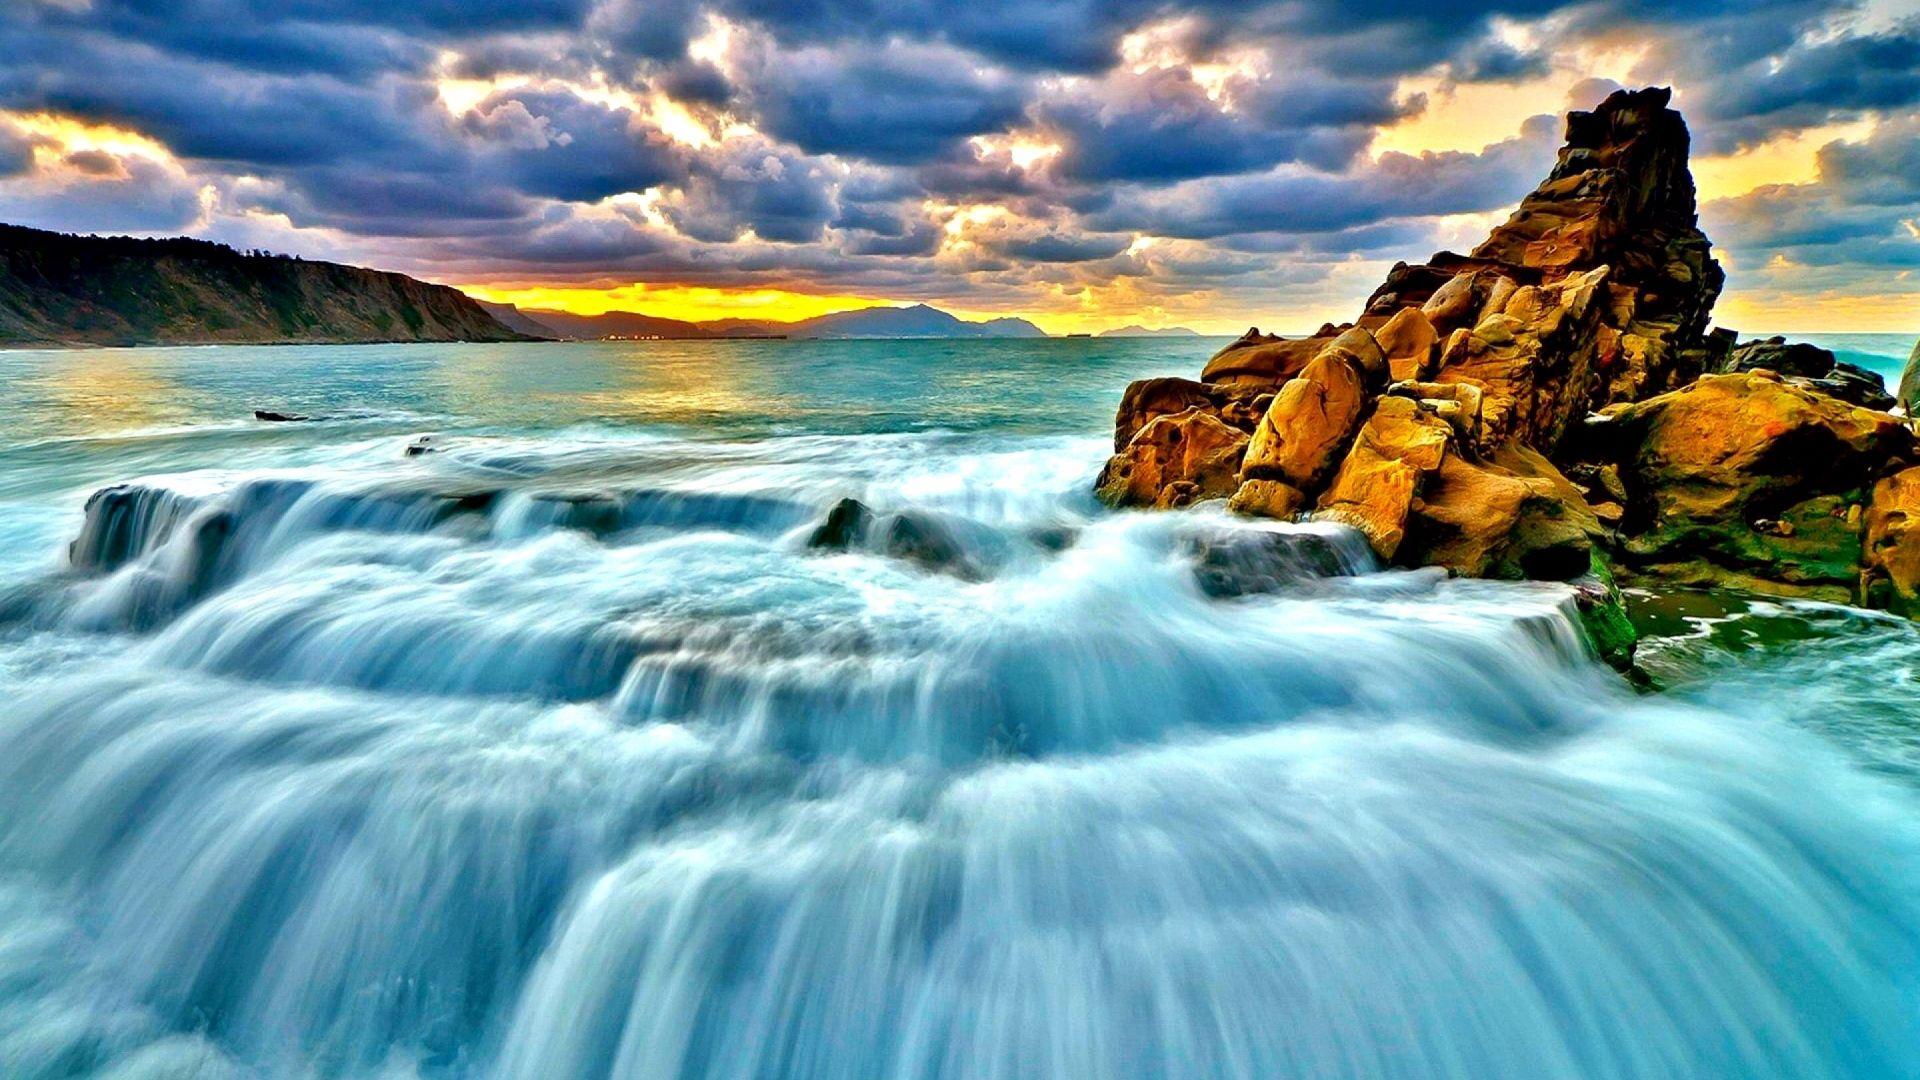 93731 papel de parede 480x800 em seu telefone gratuitamente, baixe imagens Natureza, Pôr Do Sol, Mar, Surf, Cascata, Surfar 480x800 em seu celular